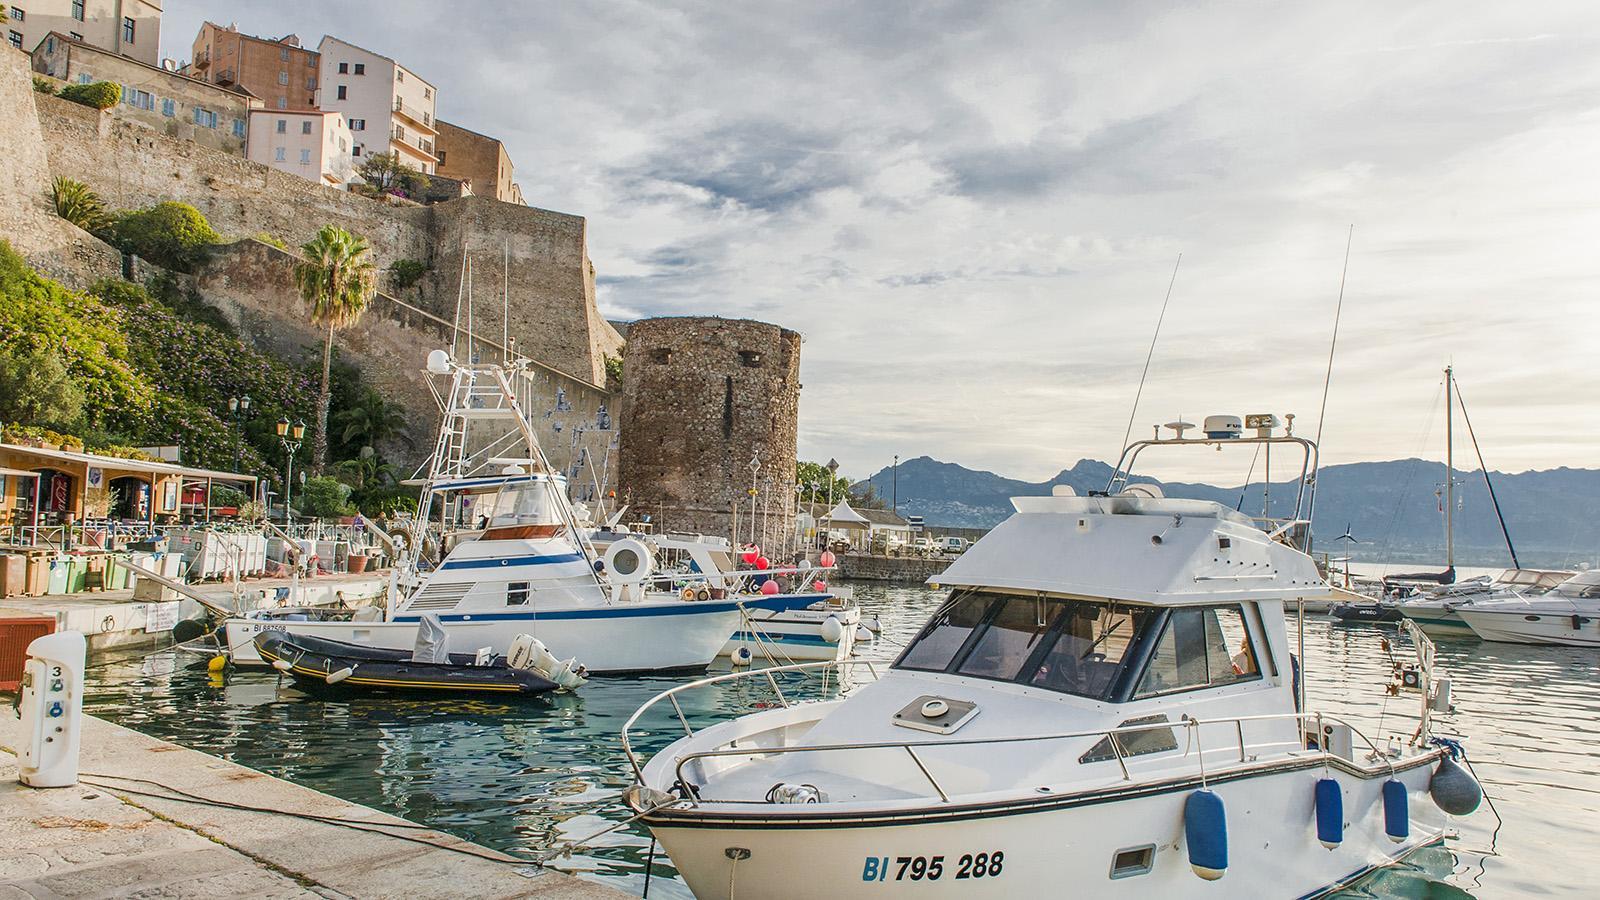 Zitadelle und Hafen von Calvi. Foto: Hilke Maunder